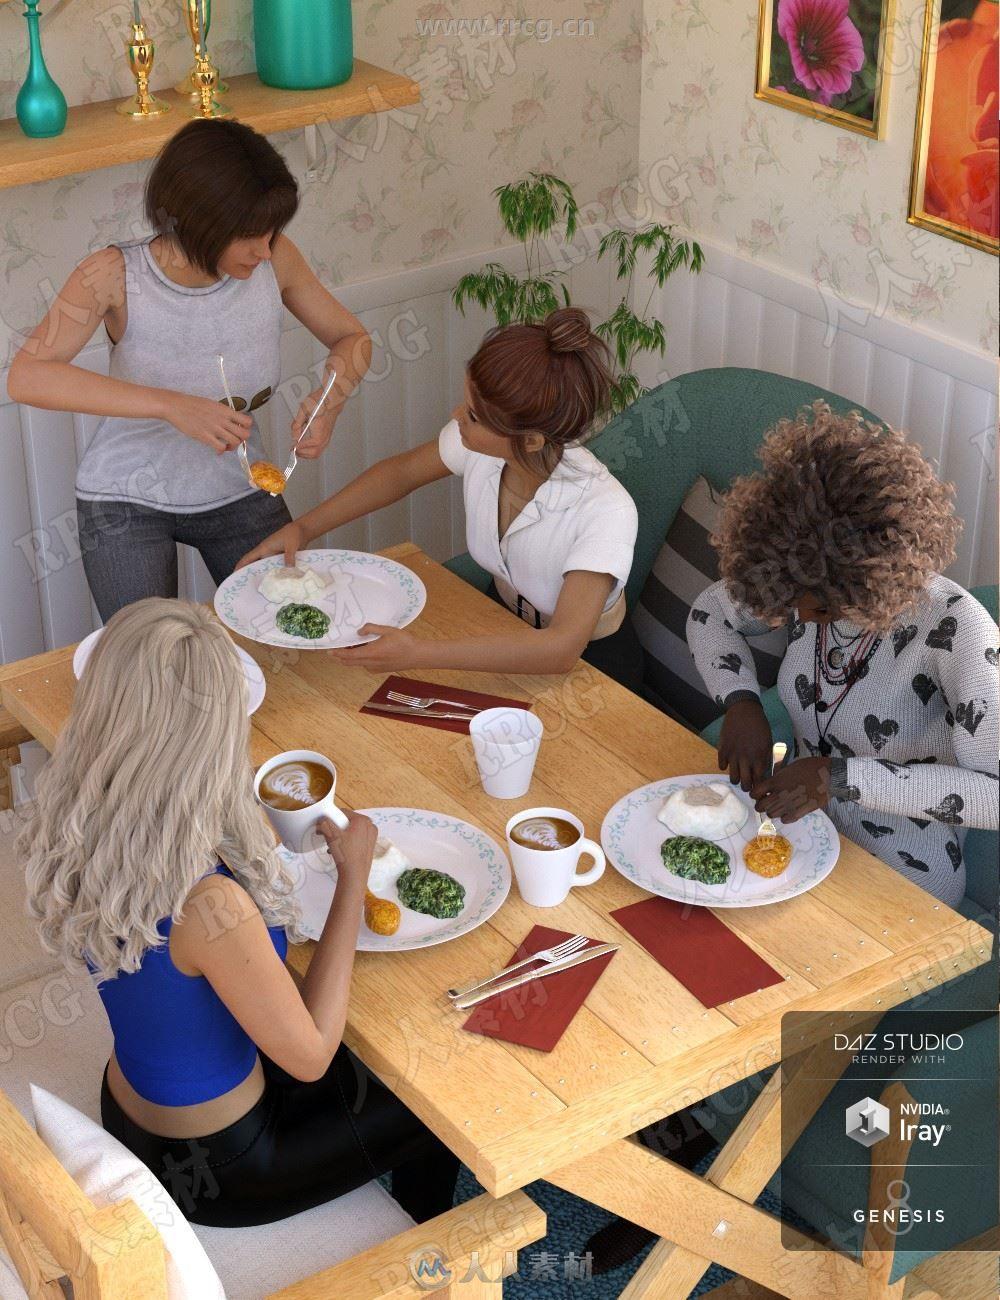 女性用餐饮水状态多种姿势3D模型合集